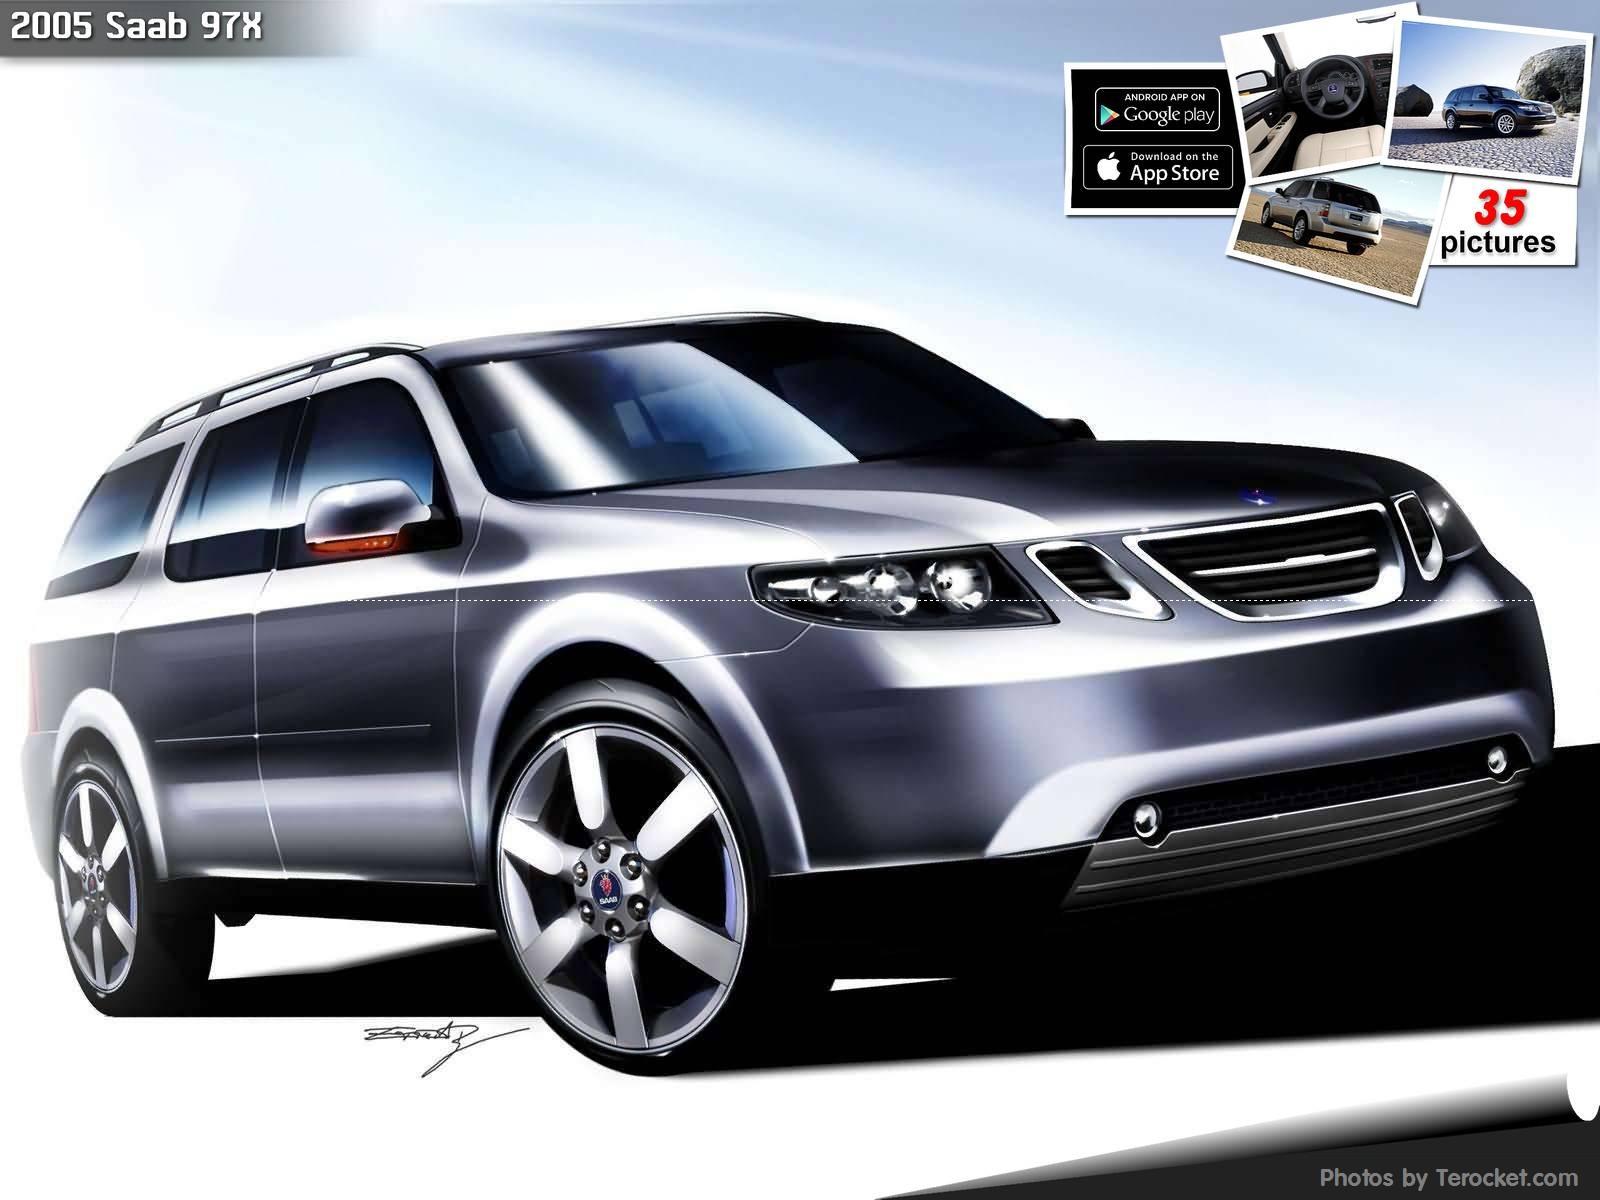 Hình ảnh xe ô tô Saab 97X 2005 & nội ngoại thất